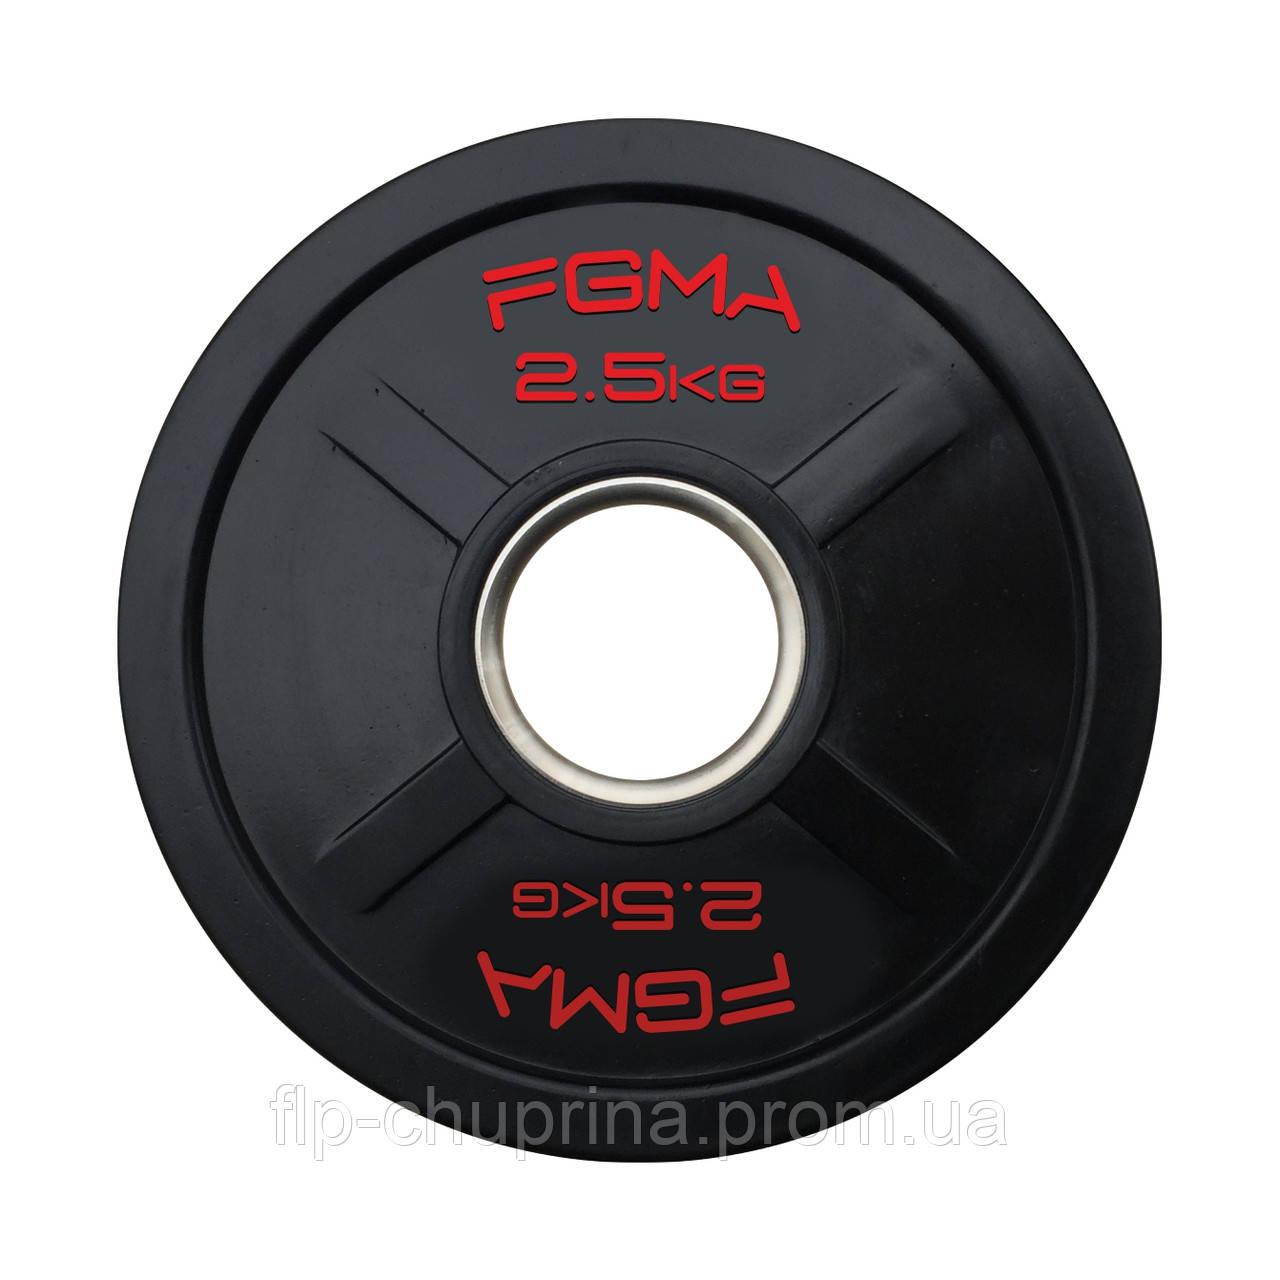 """Диск (блин) для штанги обрезиненный FGMA """"X"""" 2.5kg"""